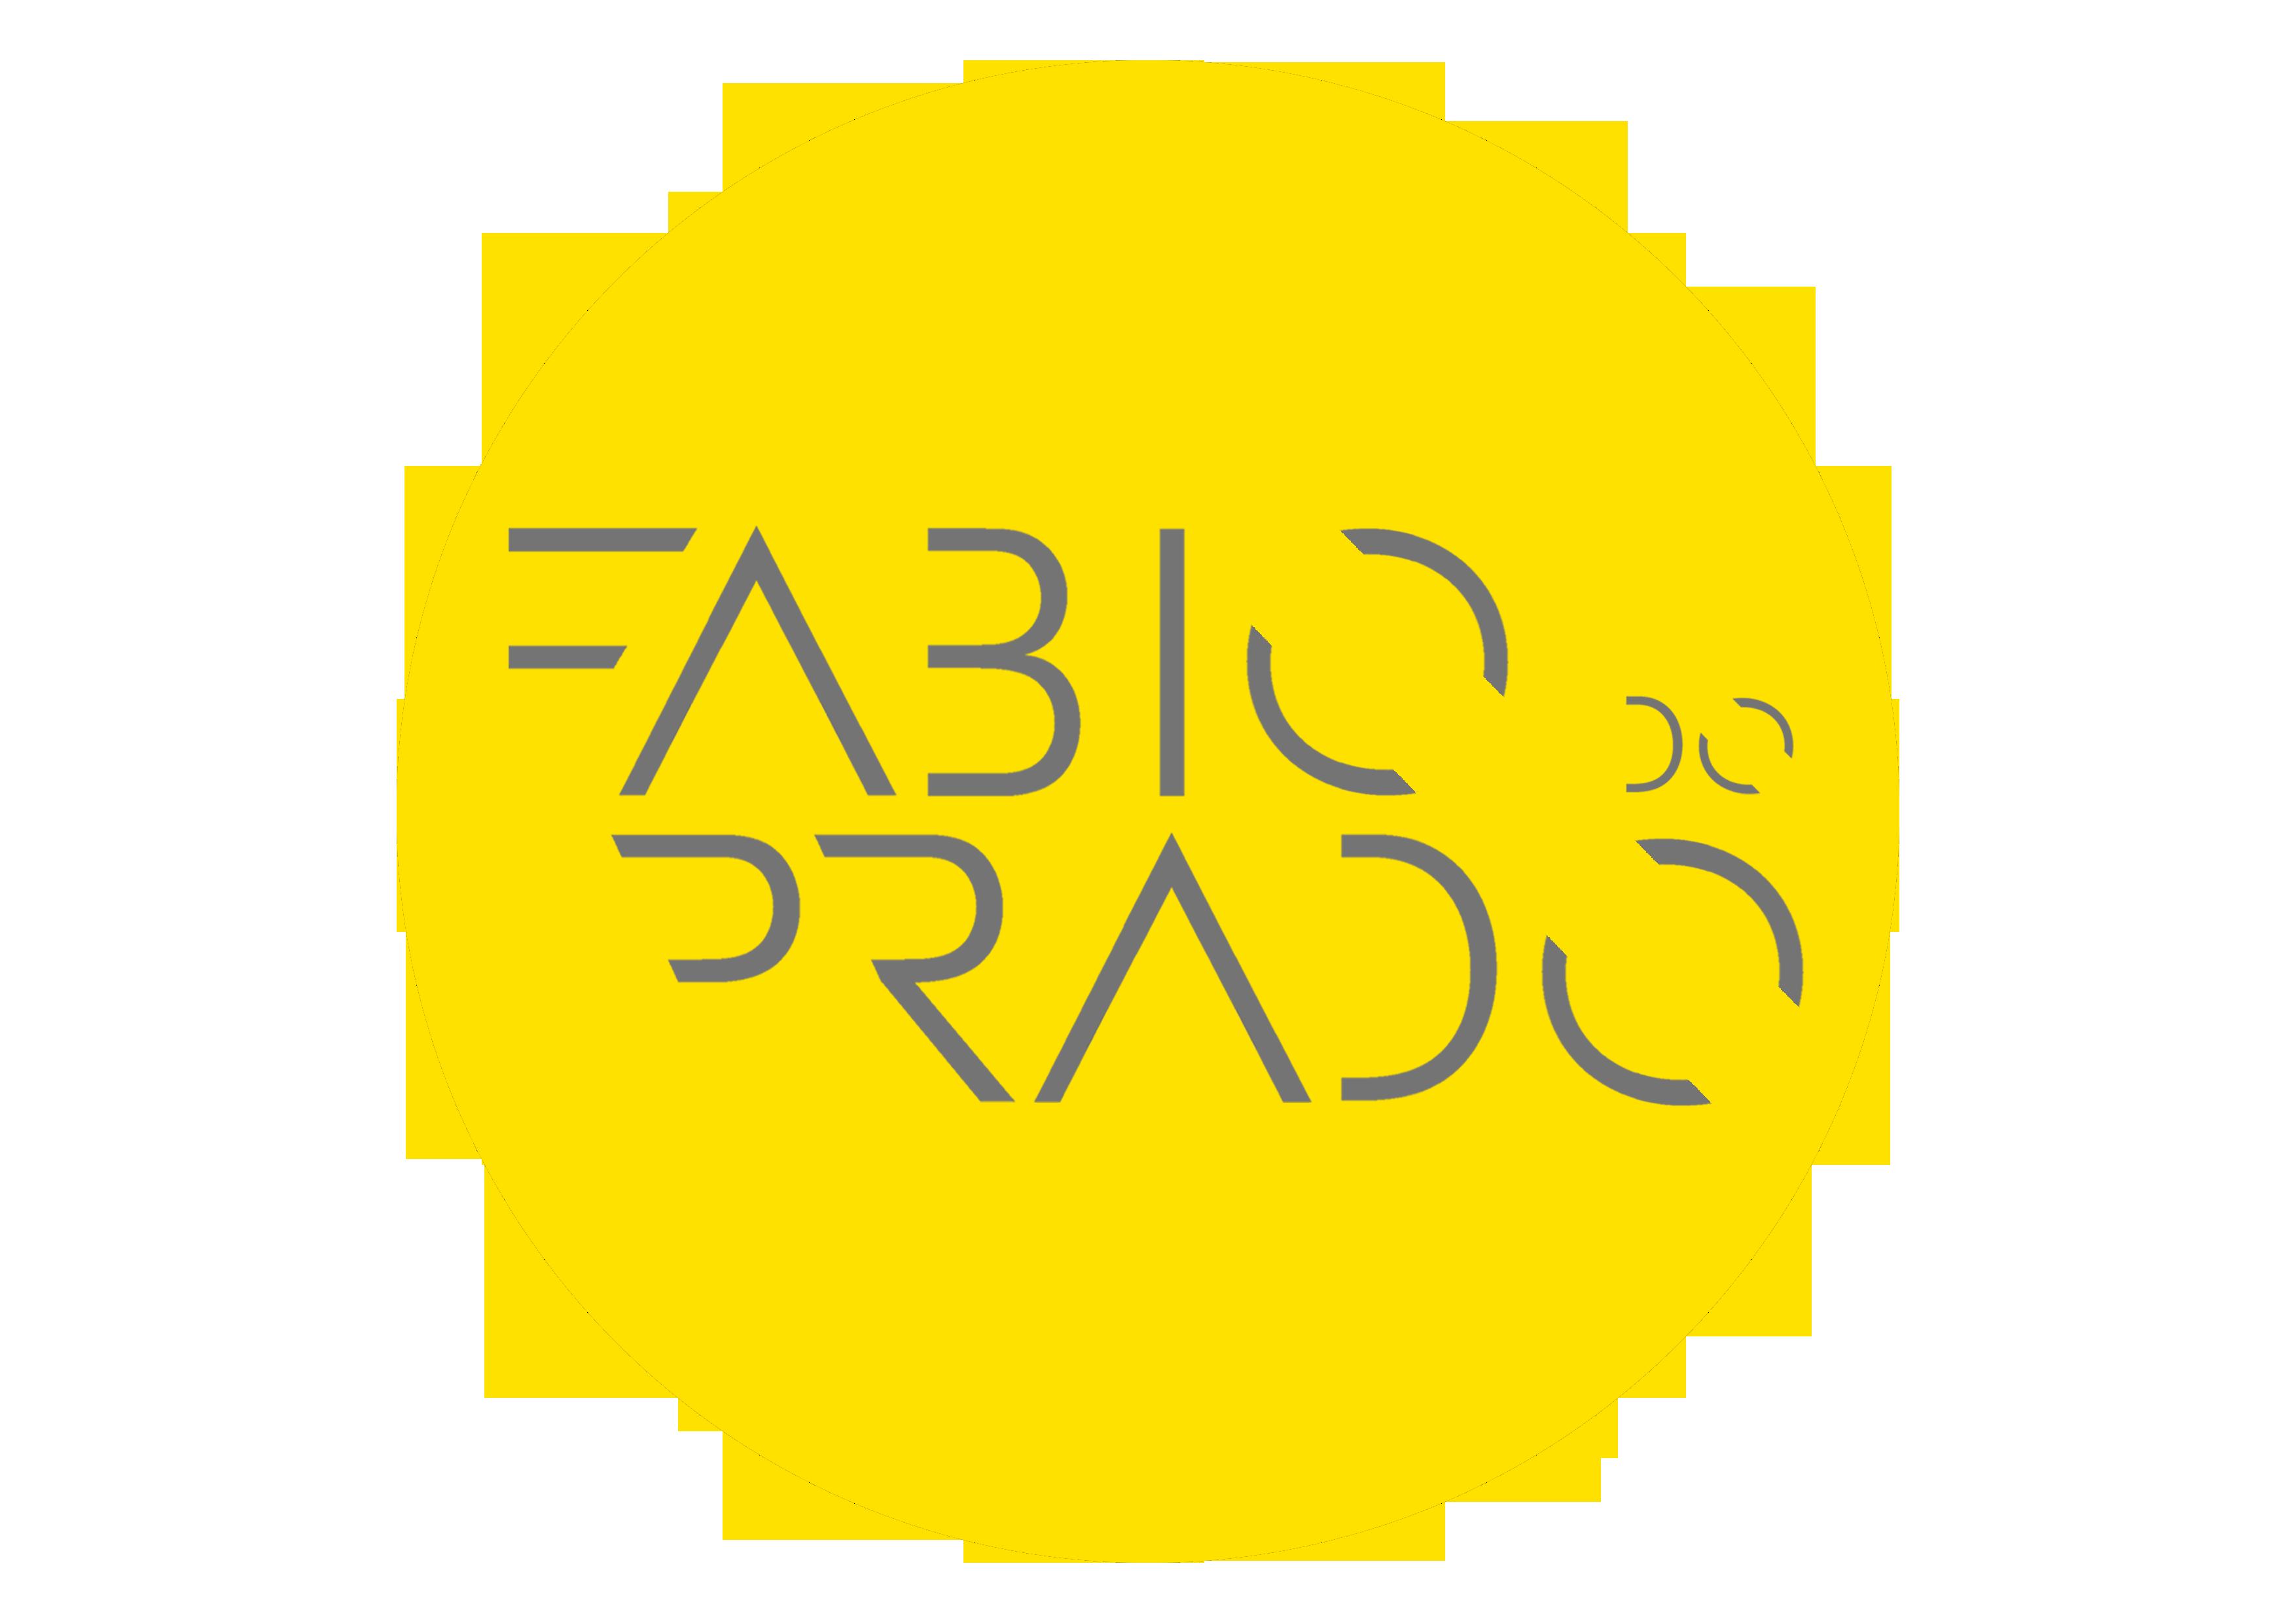 Fabio do